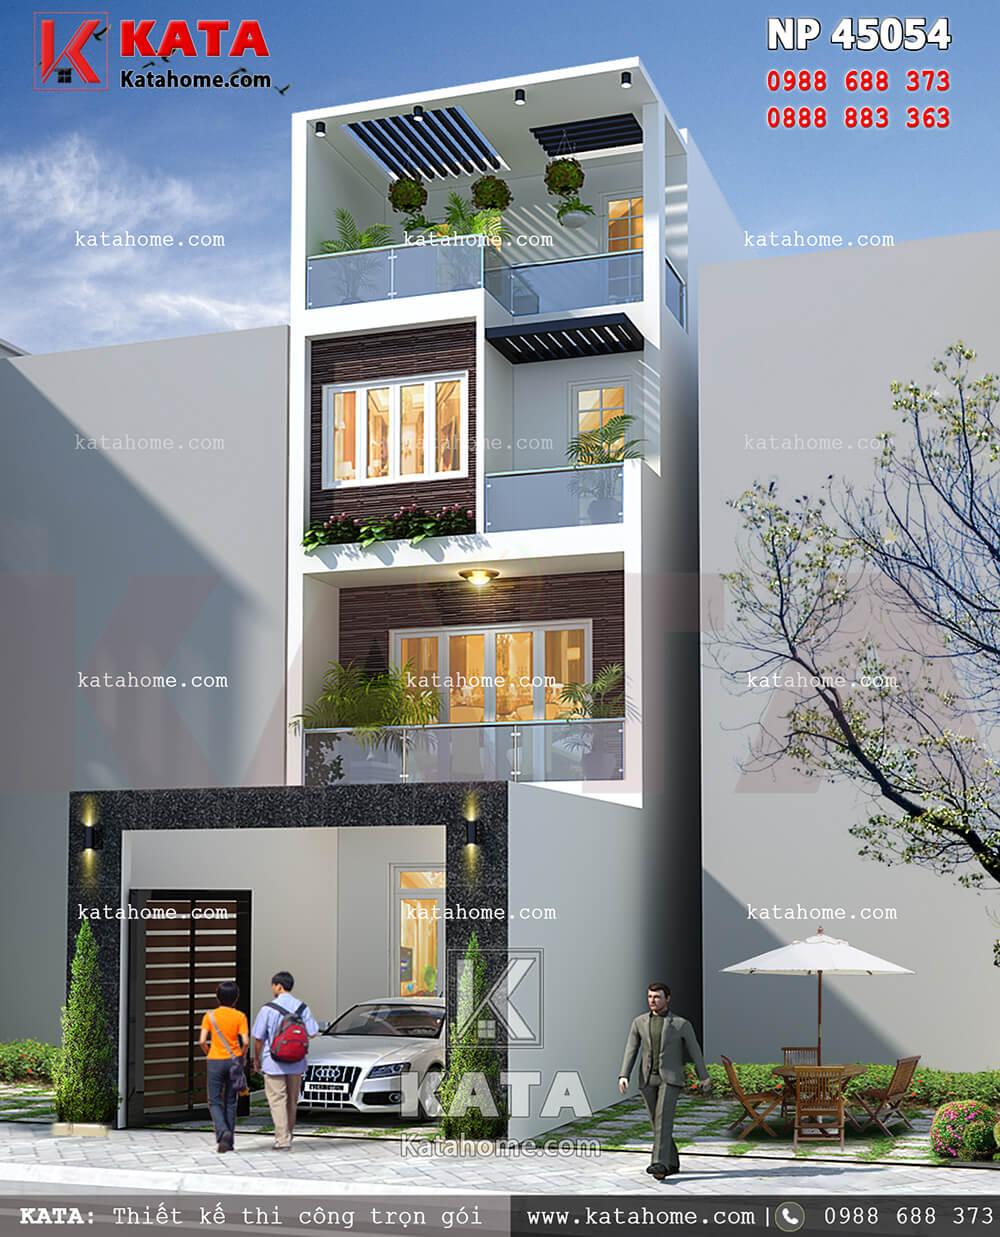 Mẫu nhà phố 4 tầng đẹp NP 45054